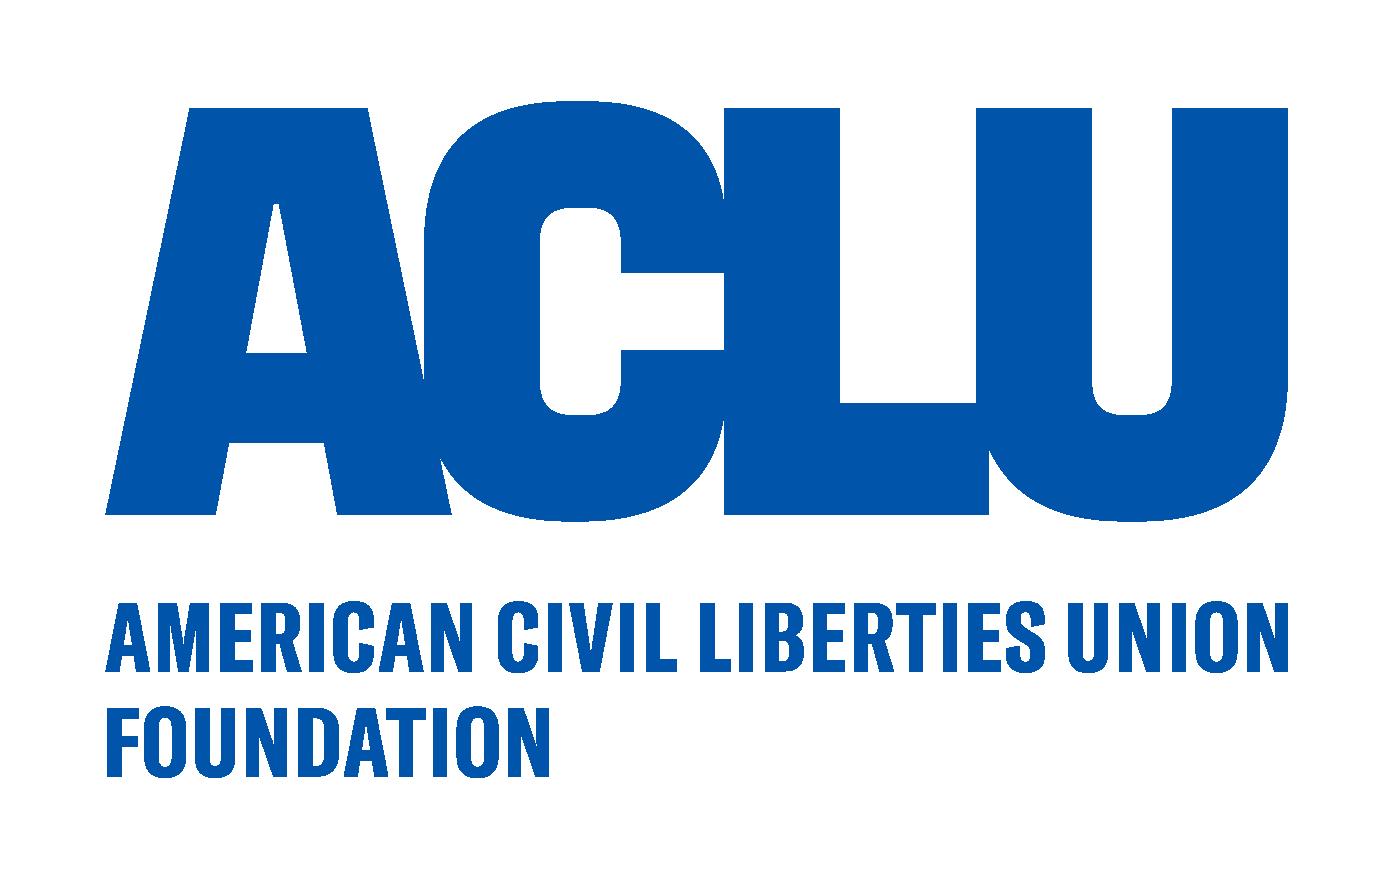 Logo of charity ACLU Foundation